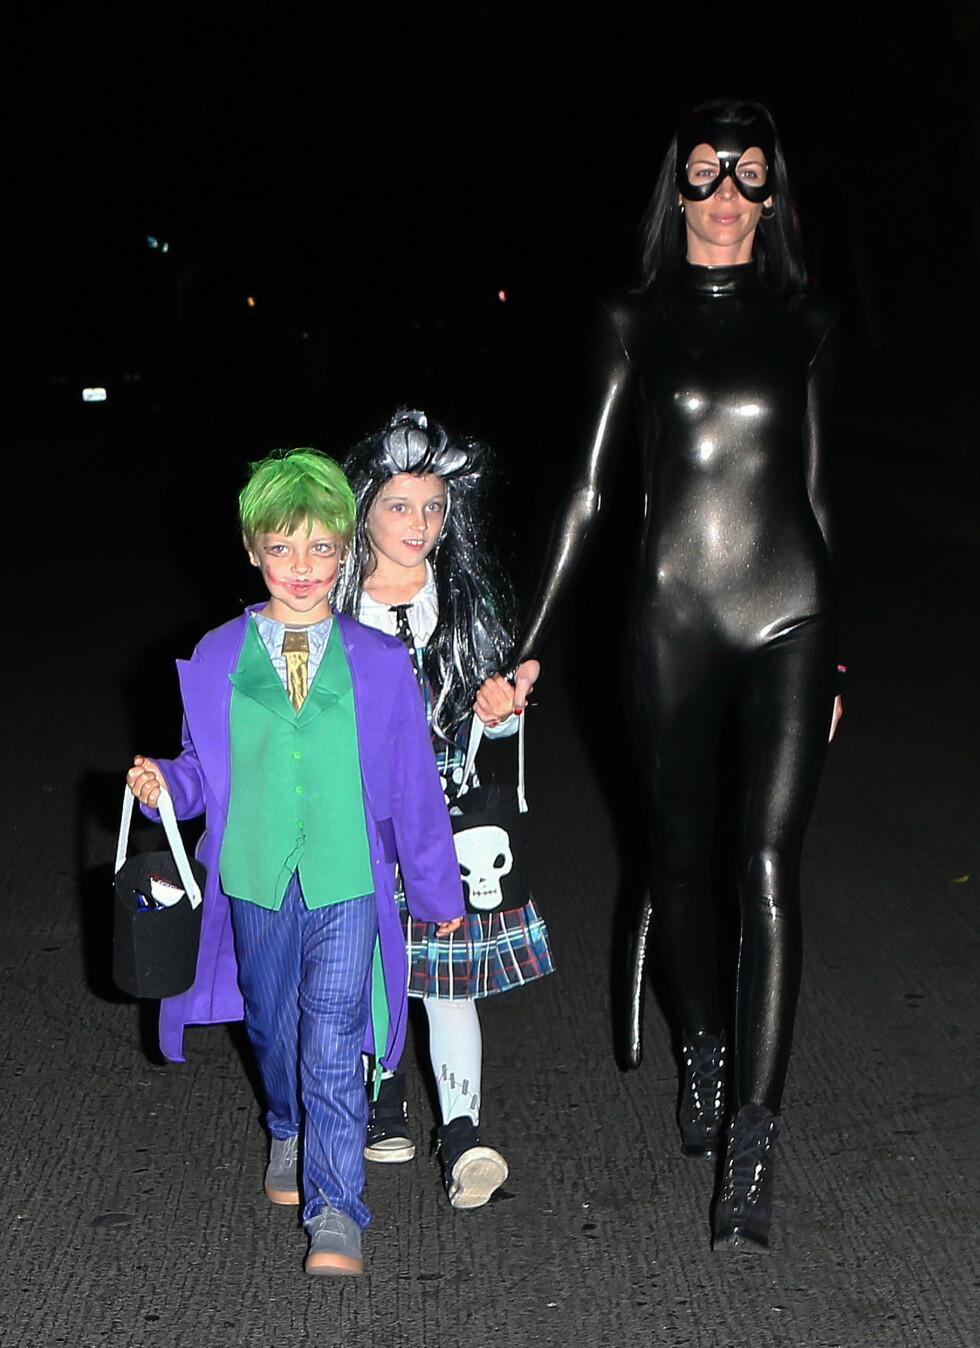 KREATIV: Også modellen Liberty Ross valgte Catwoman som inspirasjonskilde i 2012. Her er hun med barna Skyla og Tennyson Ross. Foto: FameFlynet